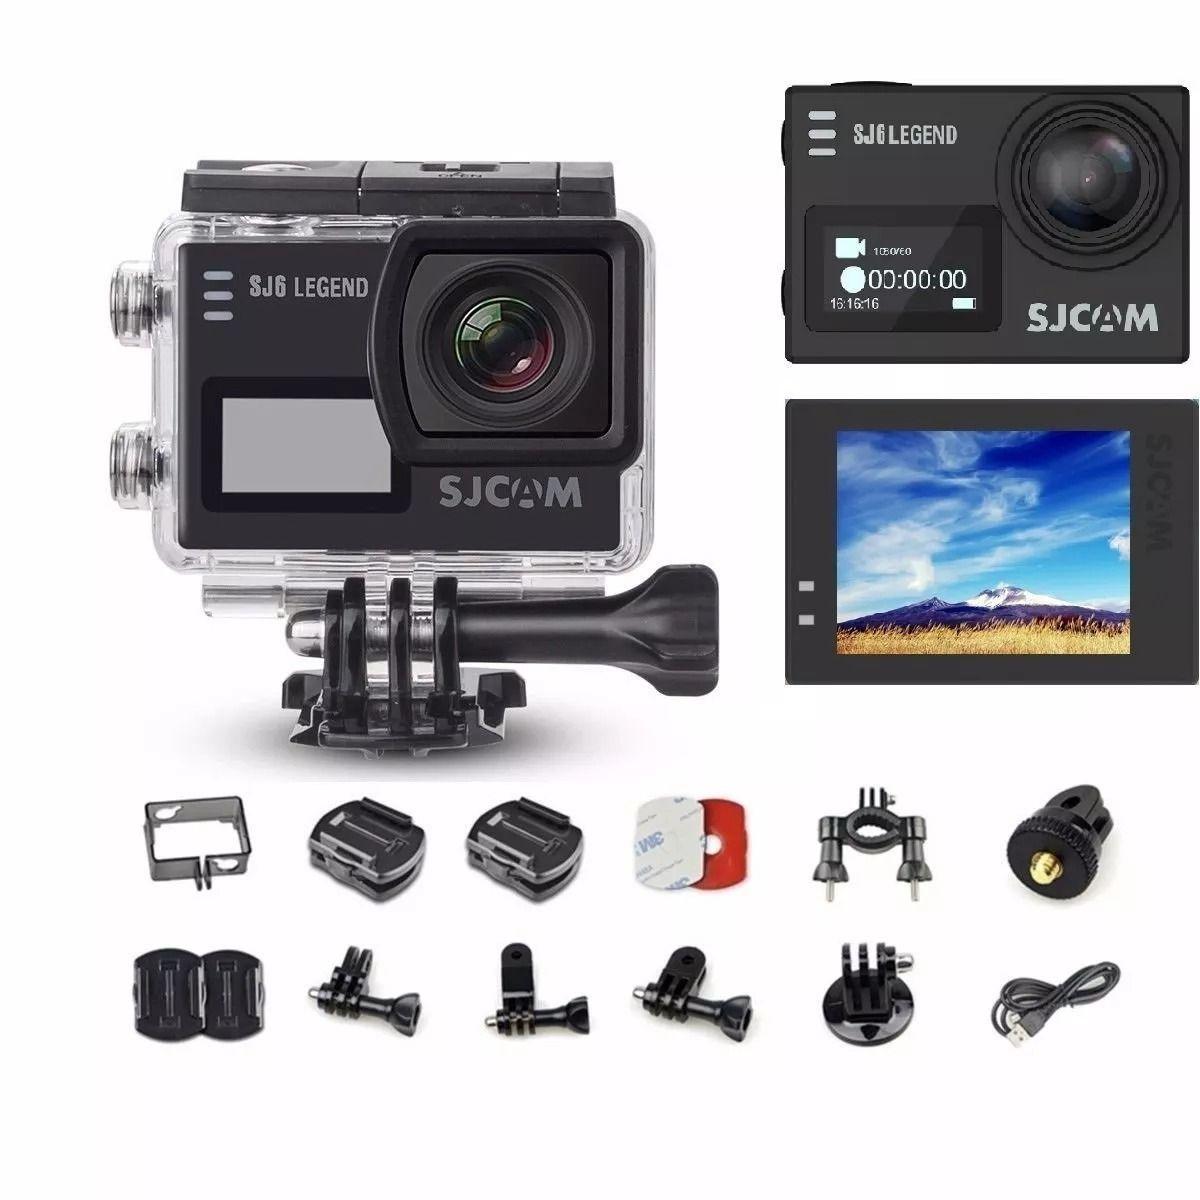 Sjcam Sj6 Legend Wifi - Actioncam 4k - Original + Acessórios - Preta